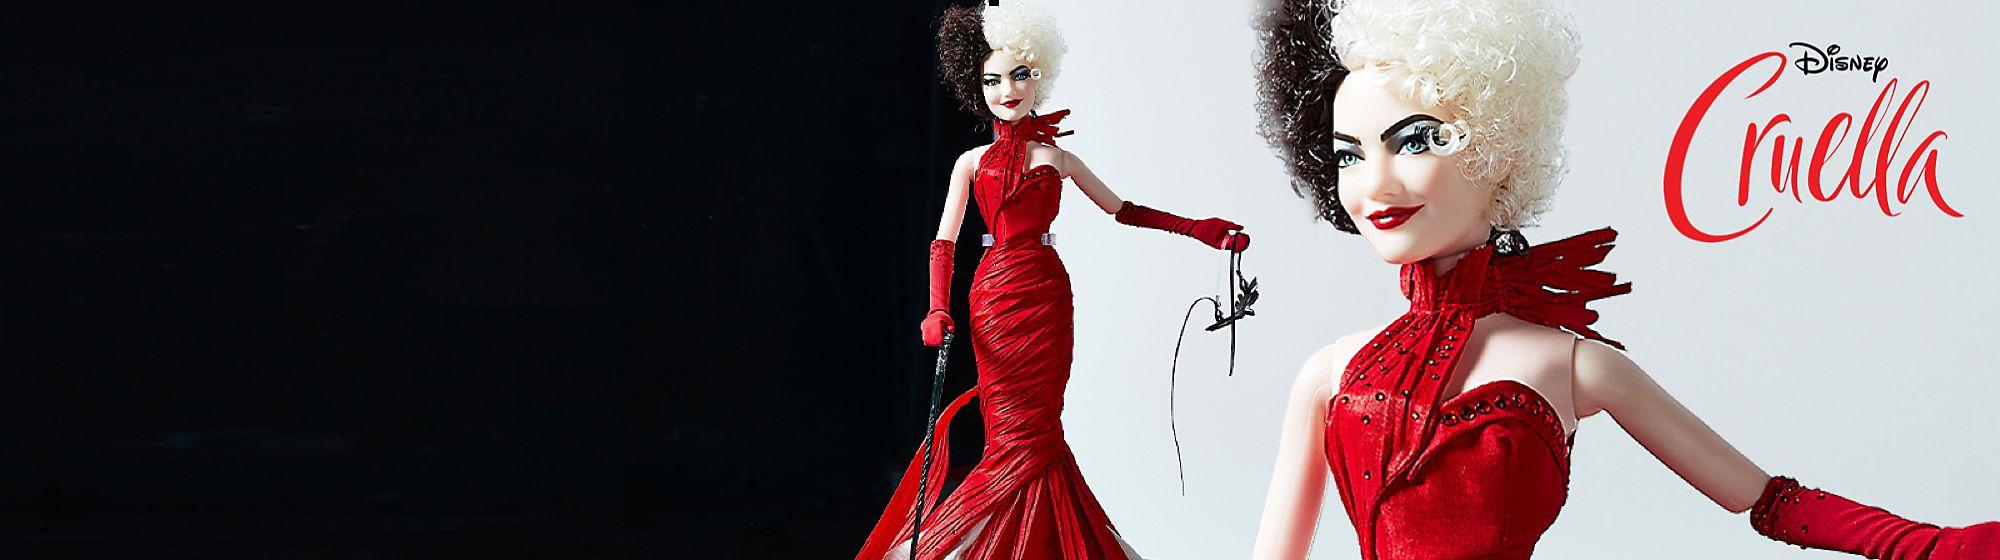 Cruella - Puppe in limitierter Edition Entdecke unsere bisher coolsten und wildesten Puppen in limitierter Edition